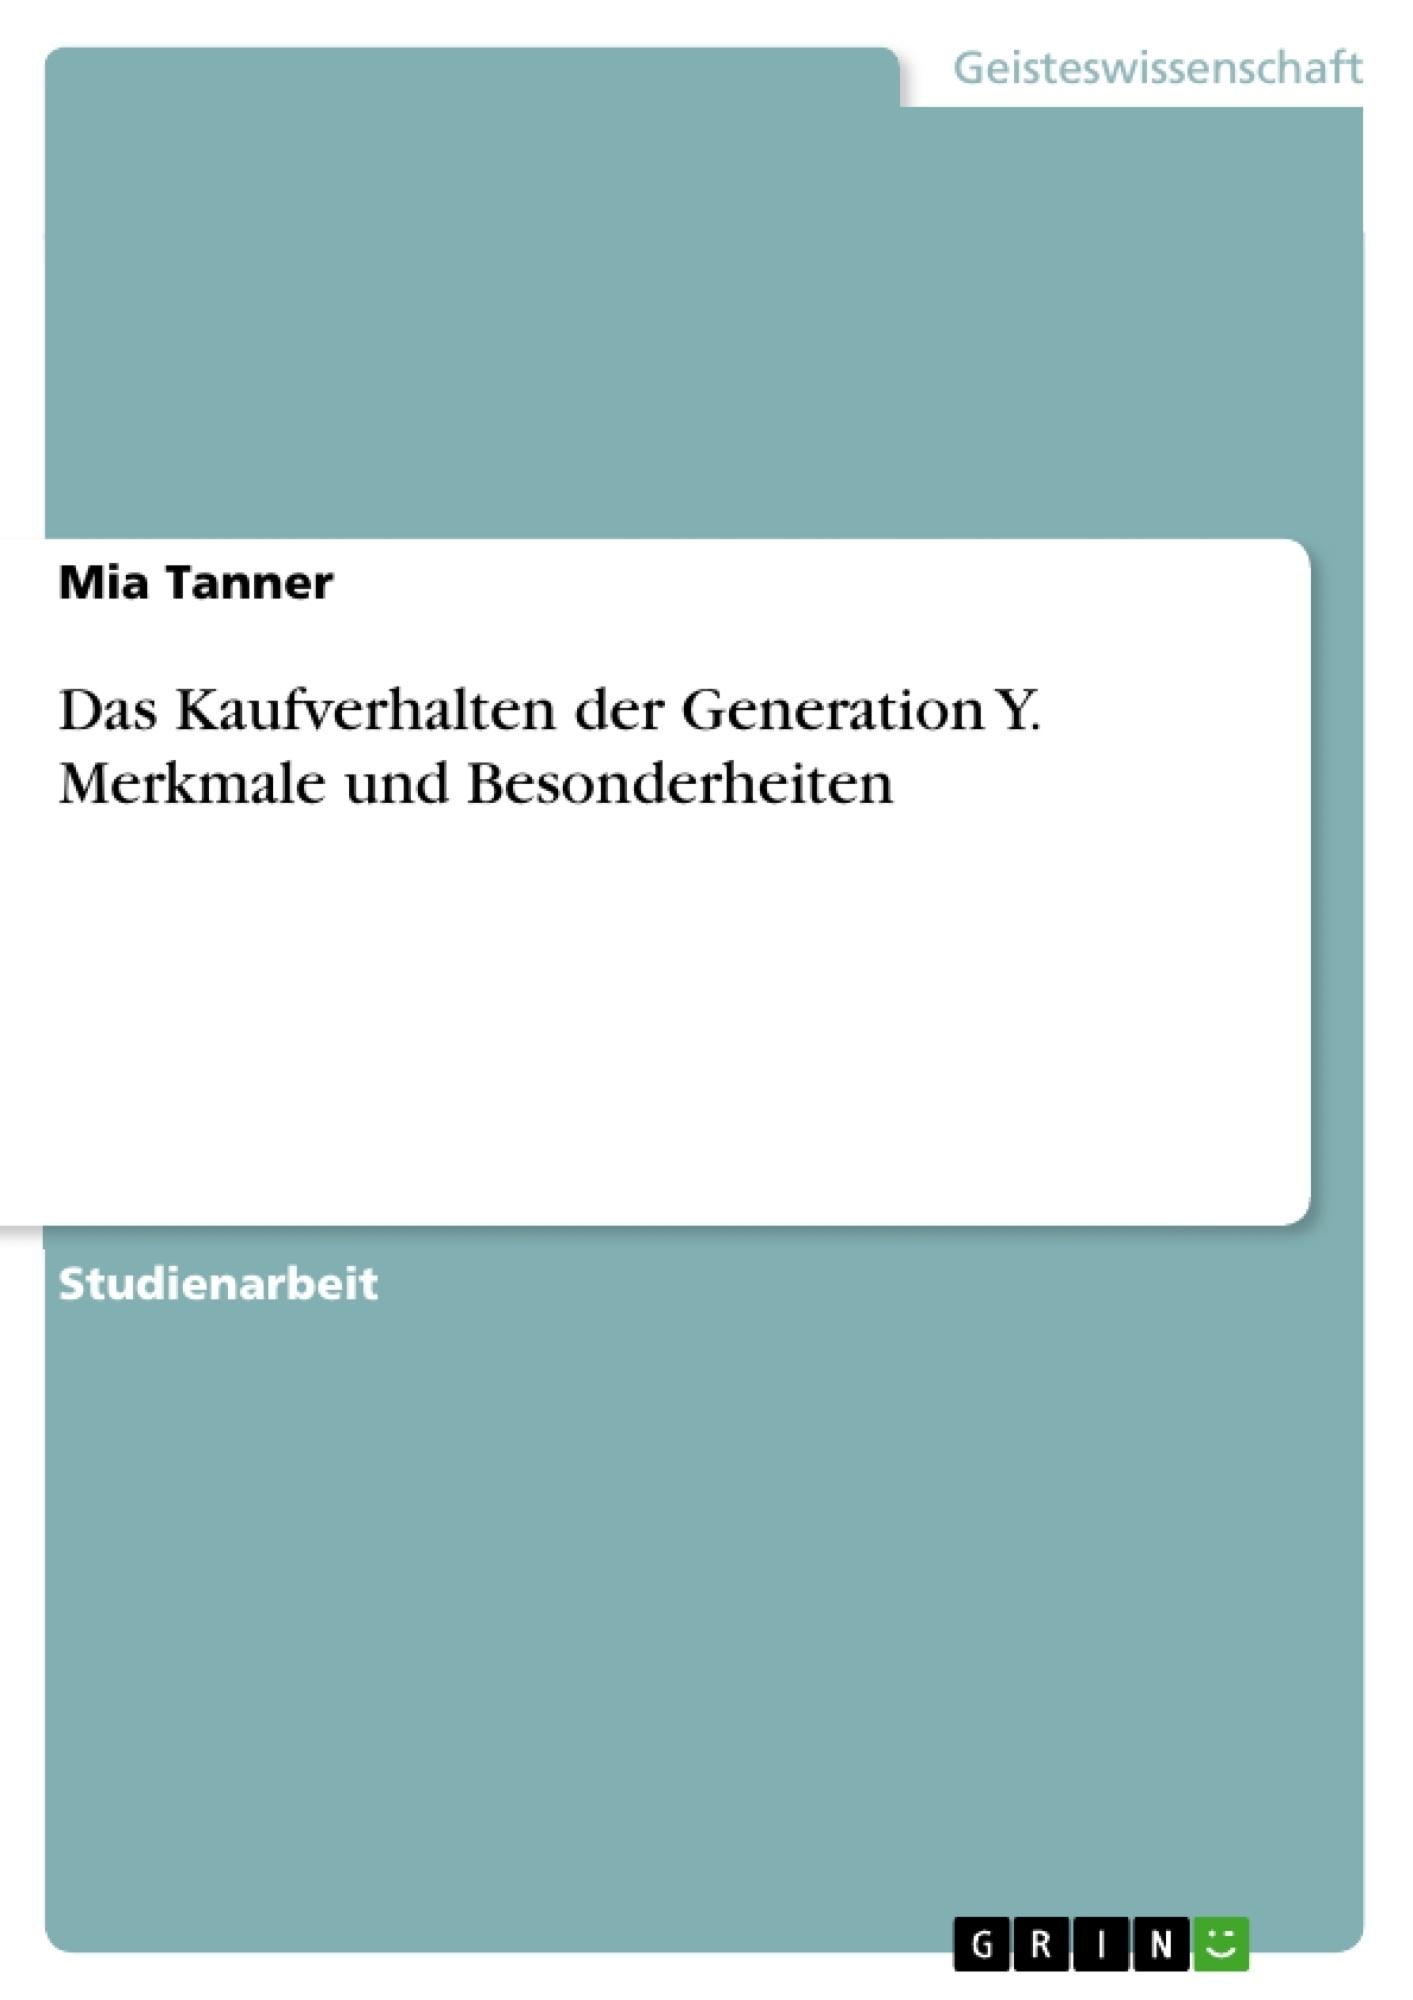 Titel: Das Kaufverhalten der Generation Y. Merkmale und Besonderheiten